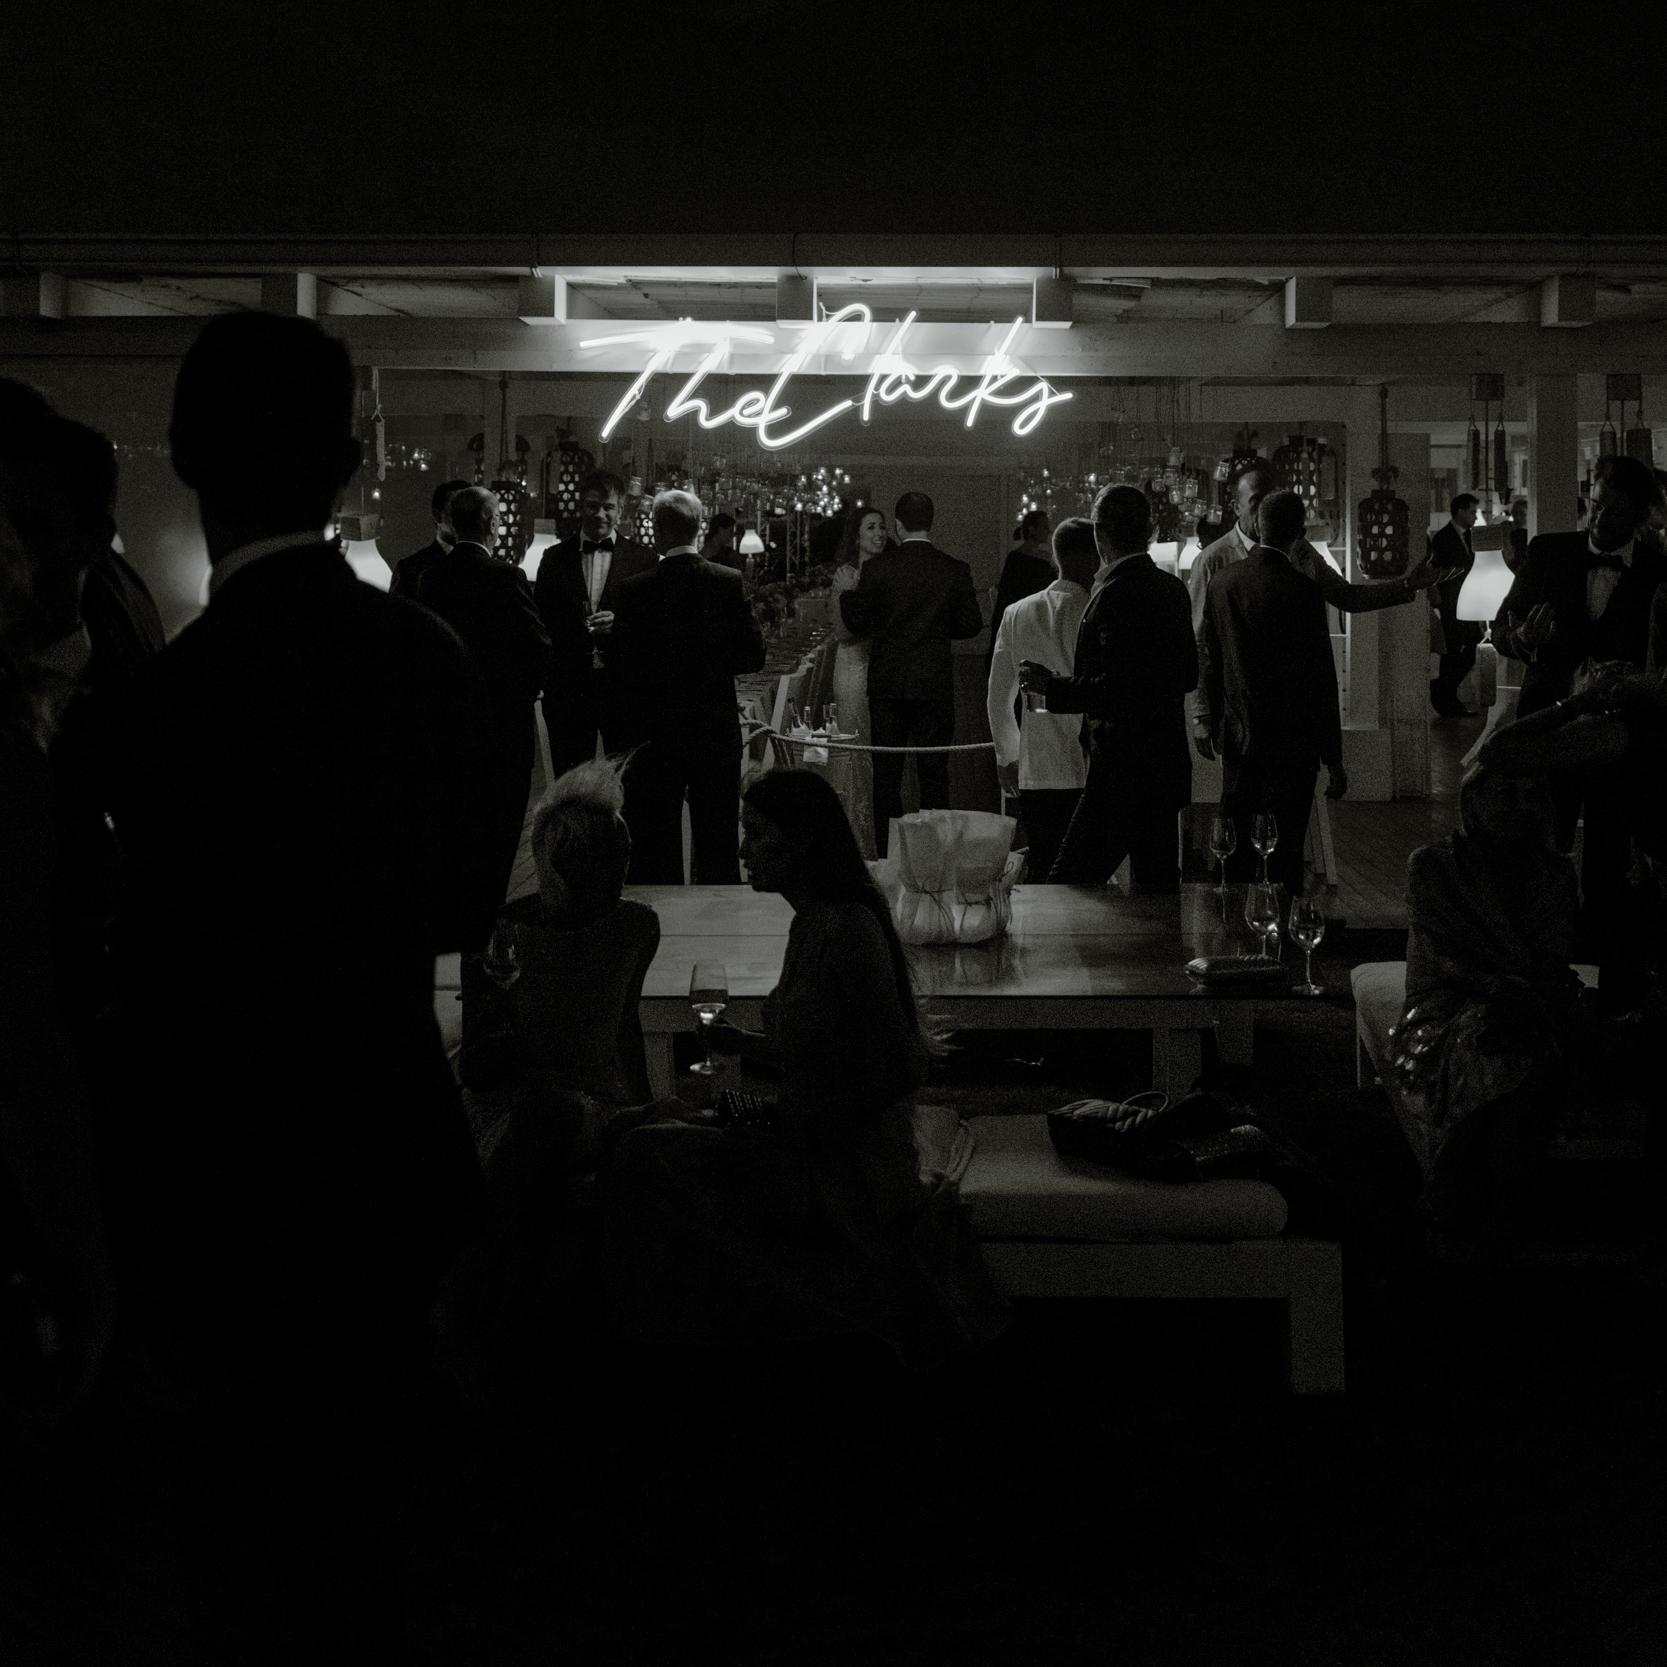 neon-sign-luxury-wedding-ideas.jpg